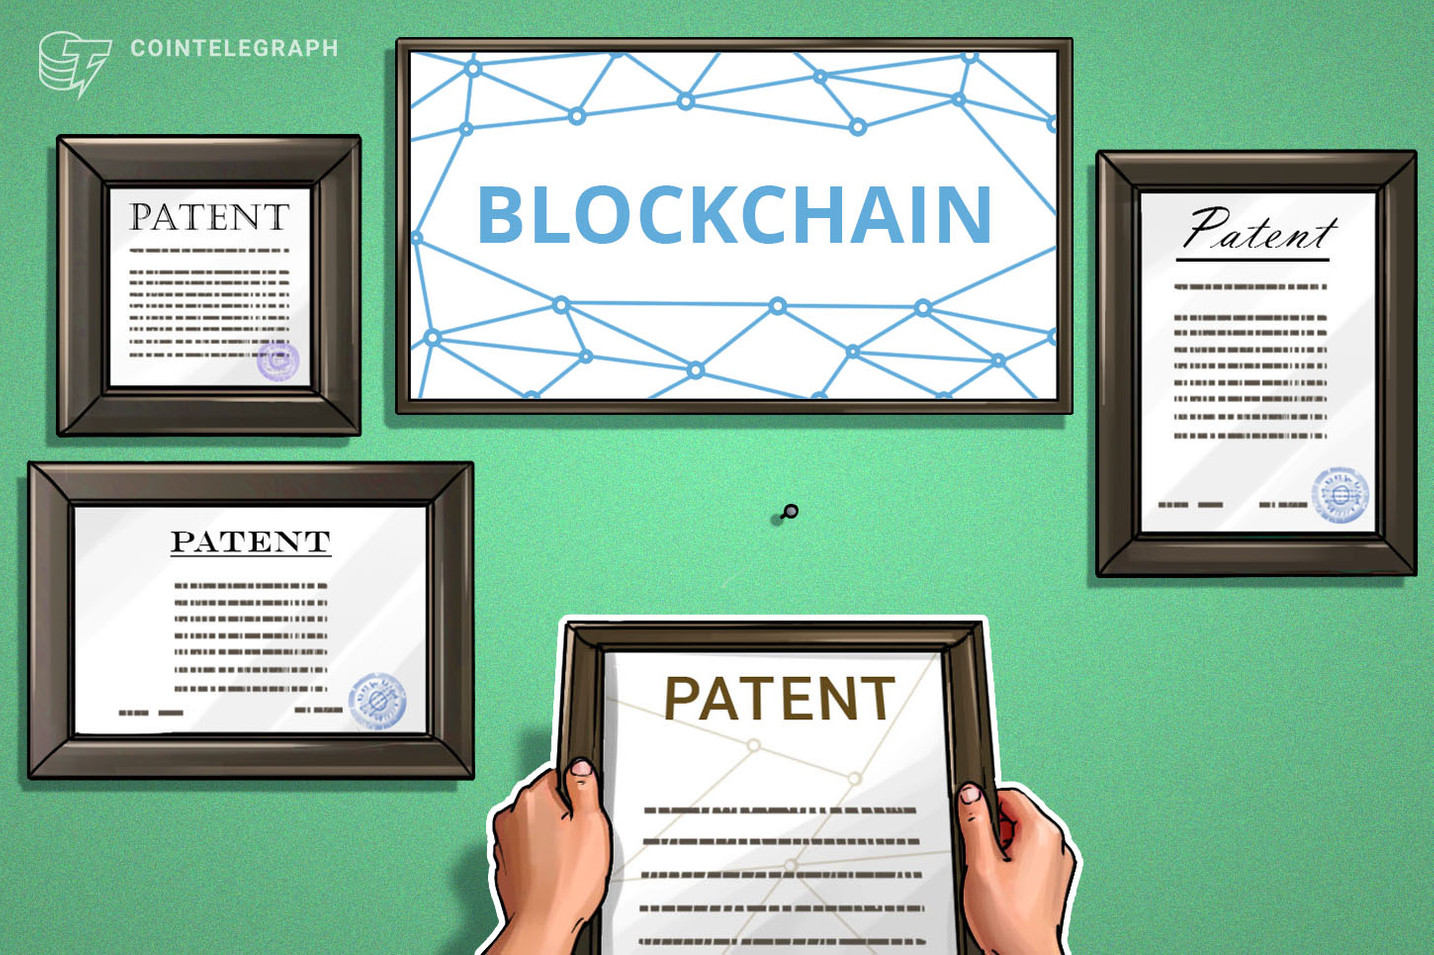 Gli Stati Uniti sono al primo posto per i brevetti blockchain